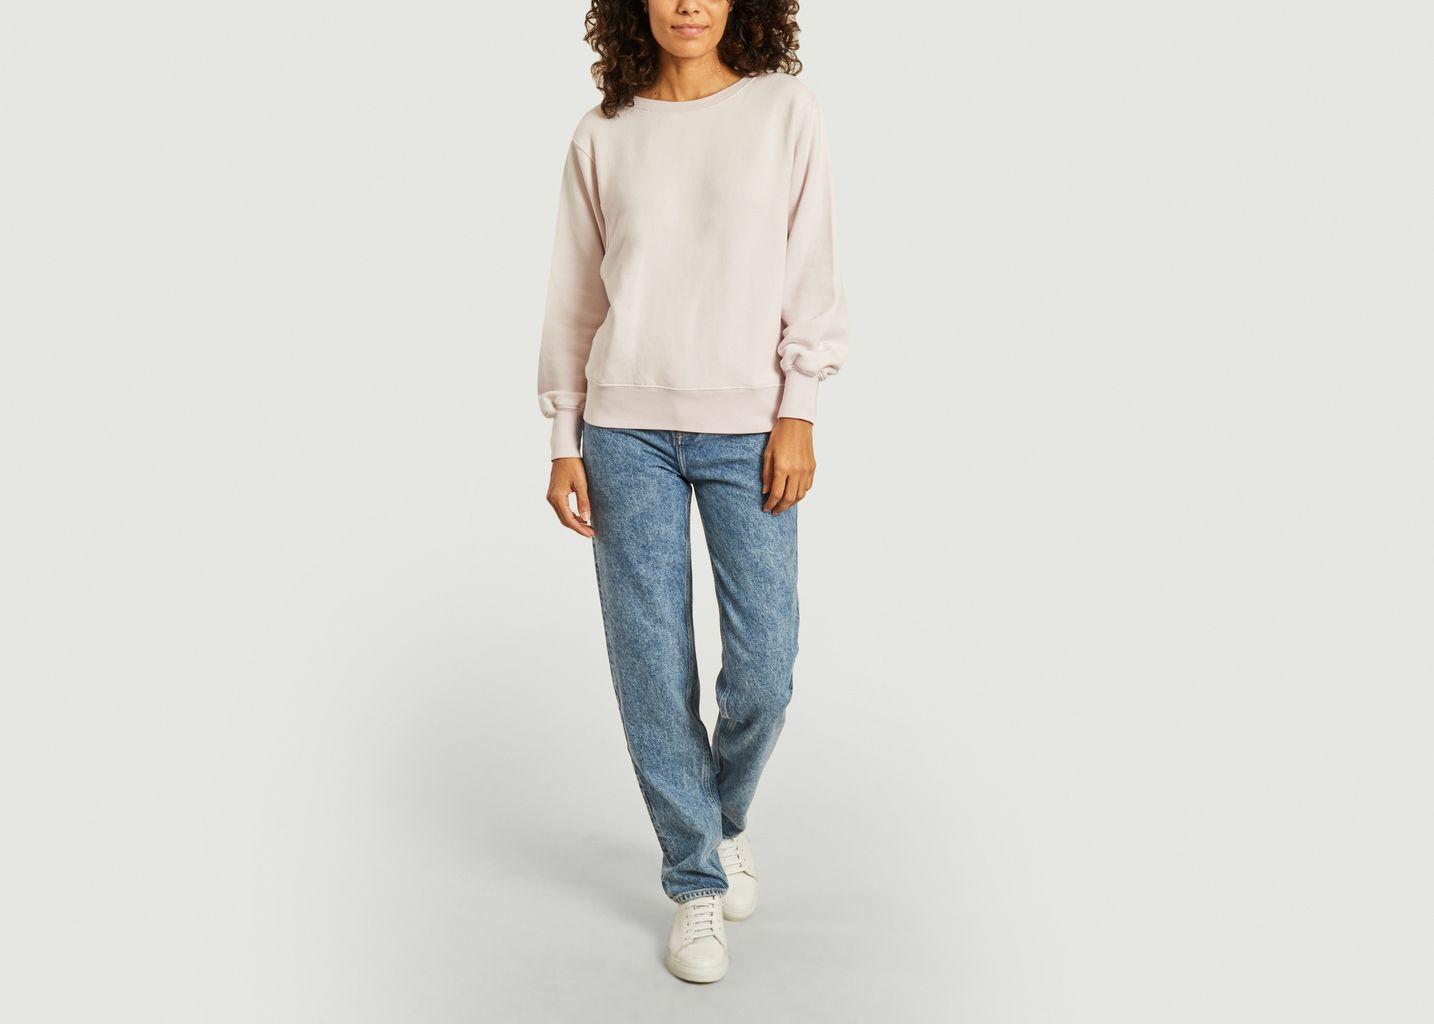 Sweatshirt Fobye en coton biologique  - American Vintage